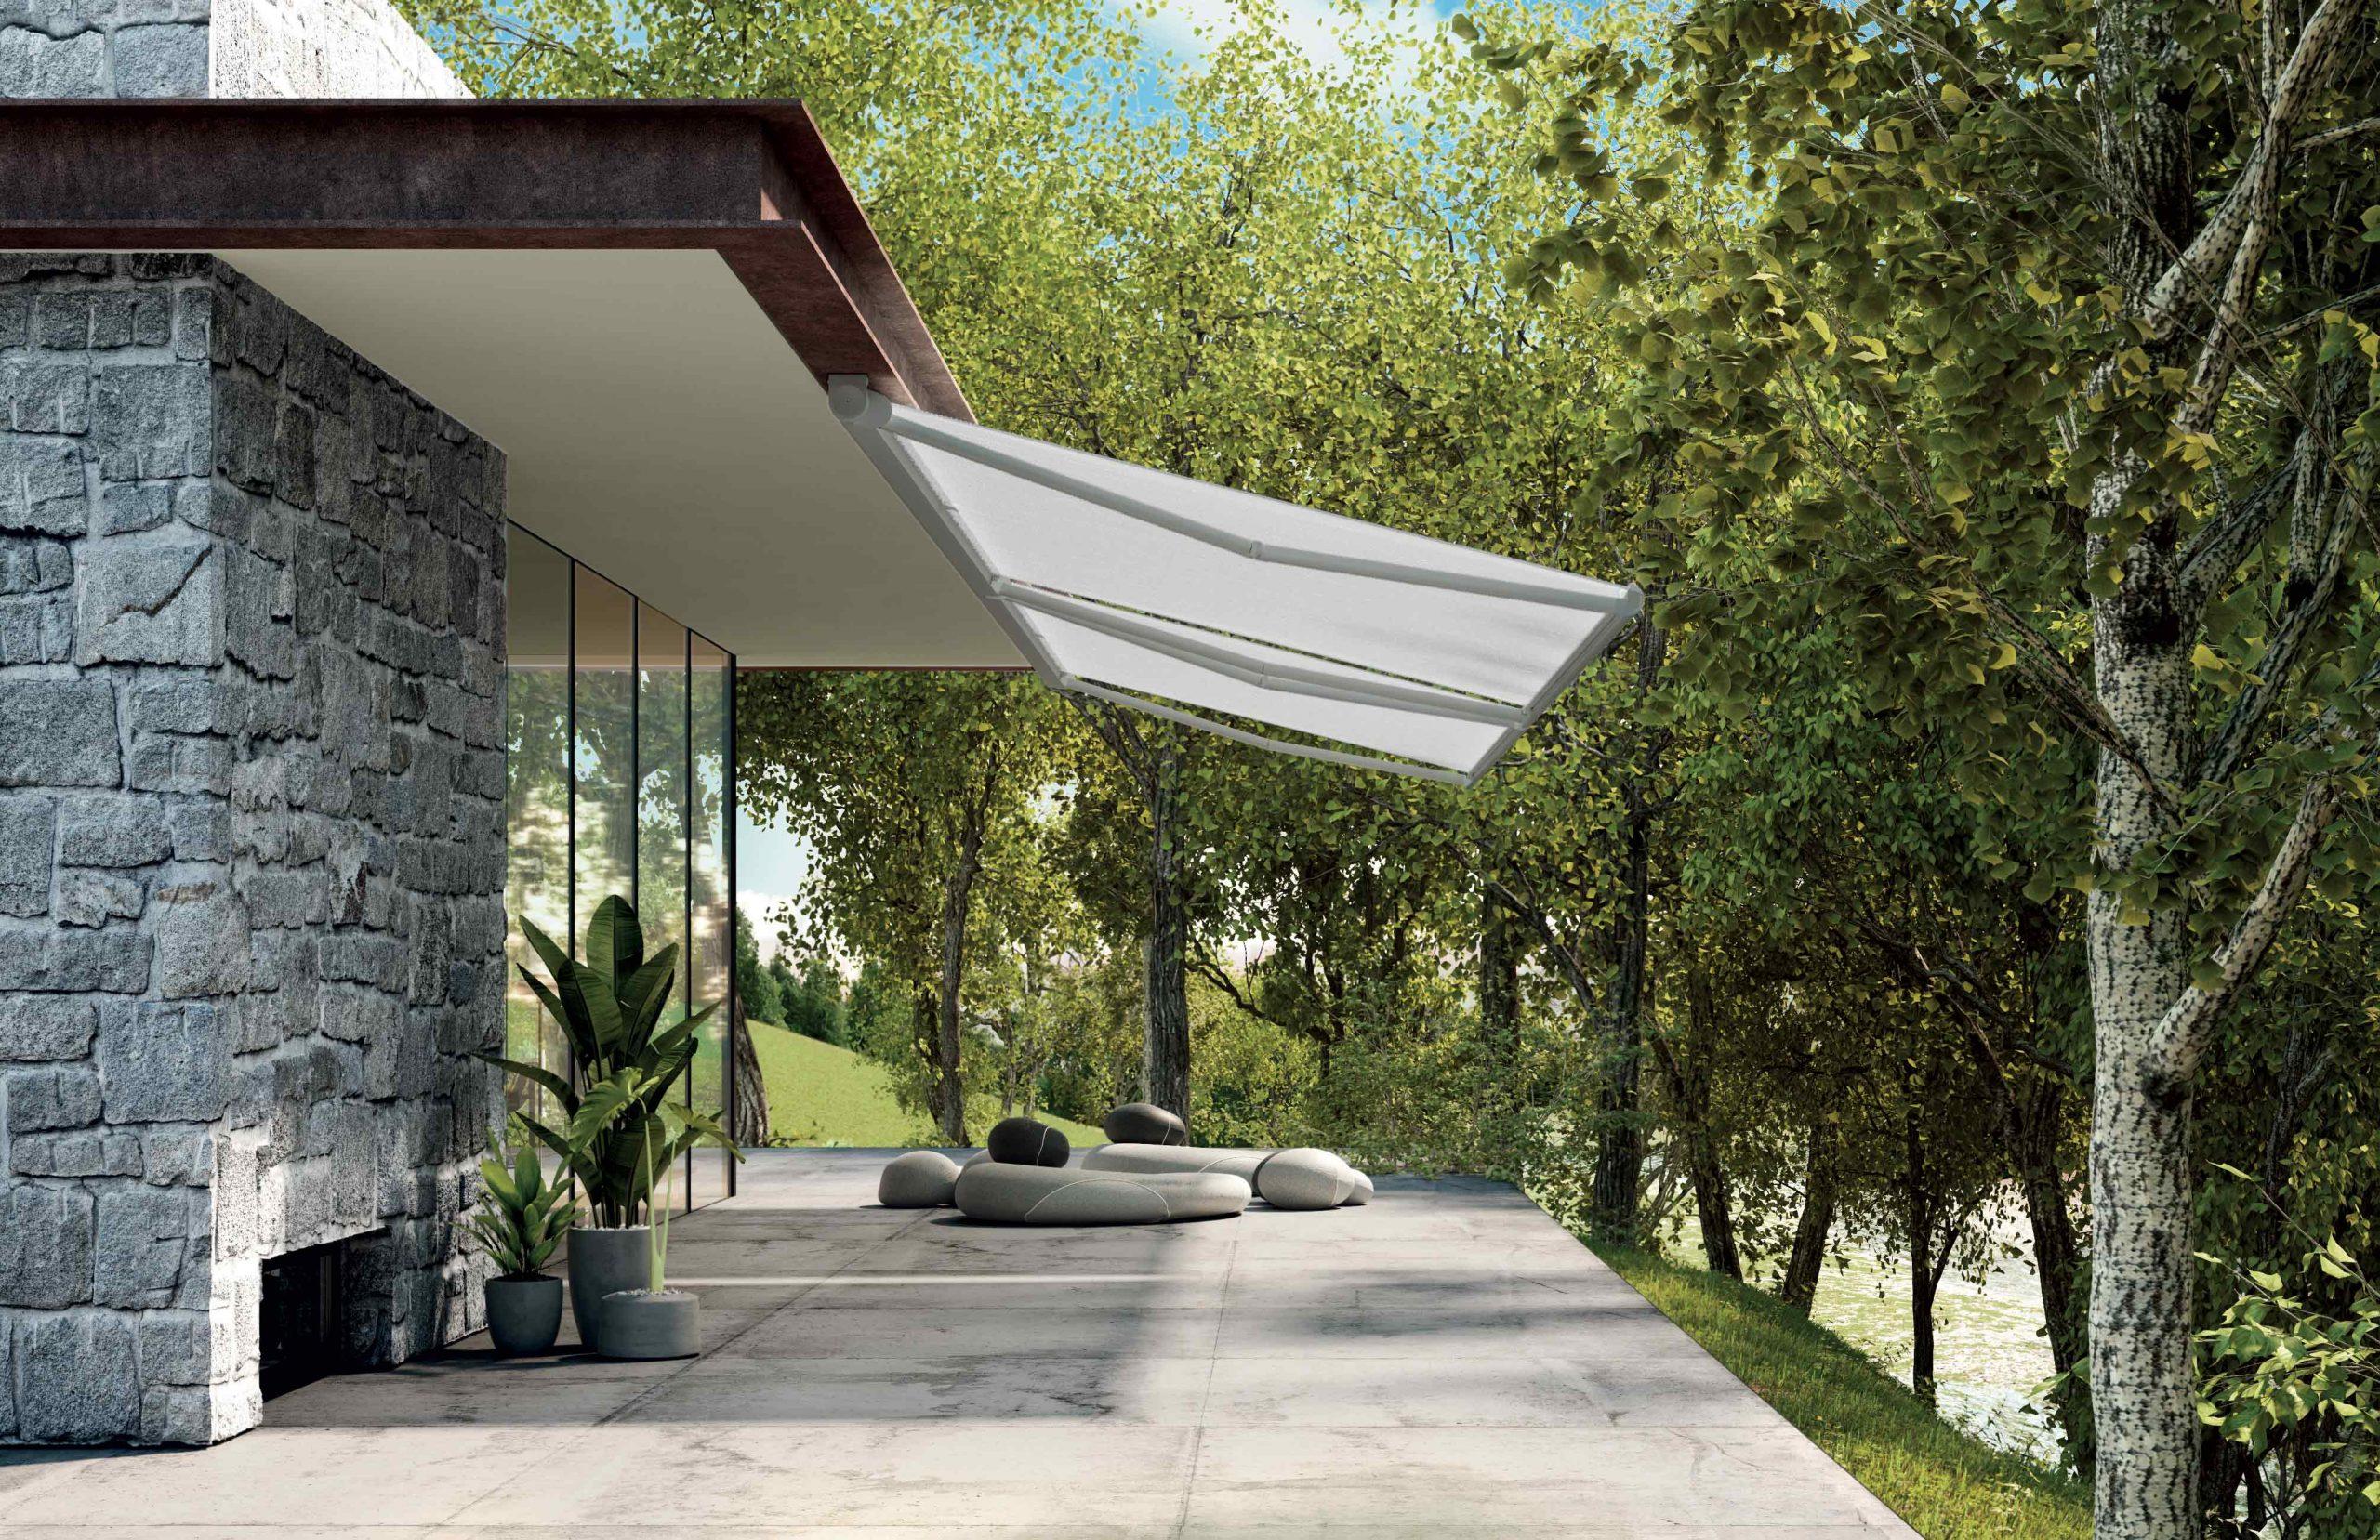 Protezioni-solari-tende-da-sole-bracci-pergole-in-alluminio-Progettazione-produzione-installazione-Stameat-srl - Padova